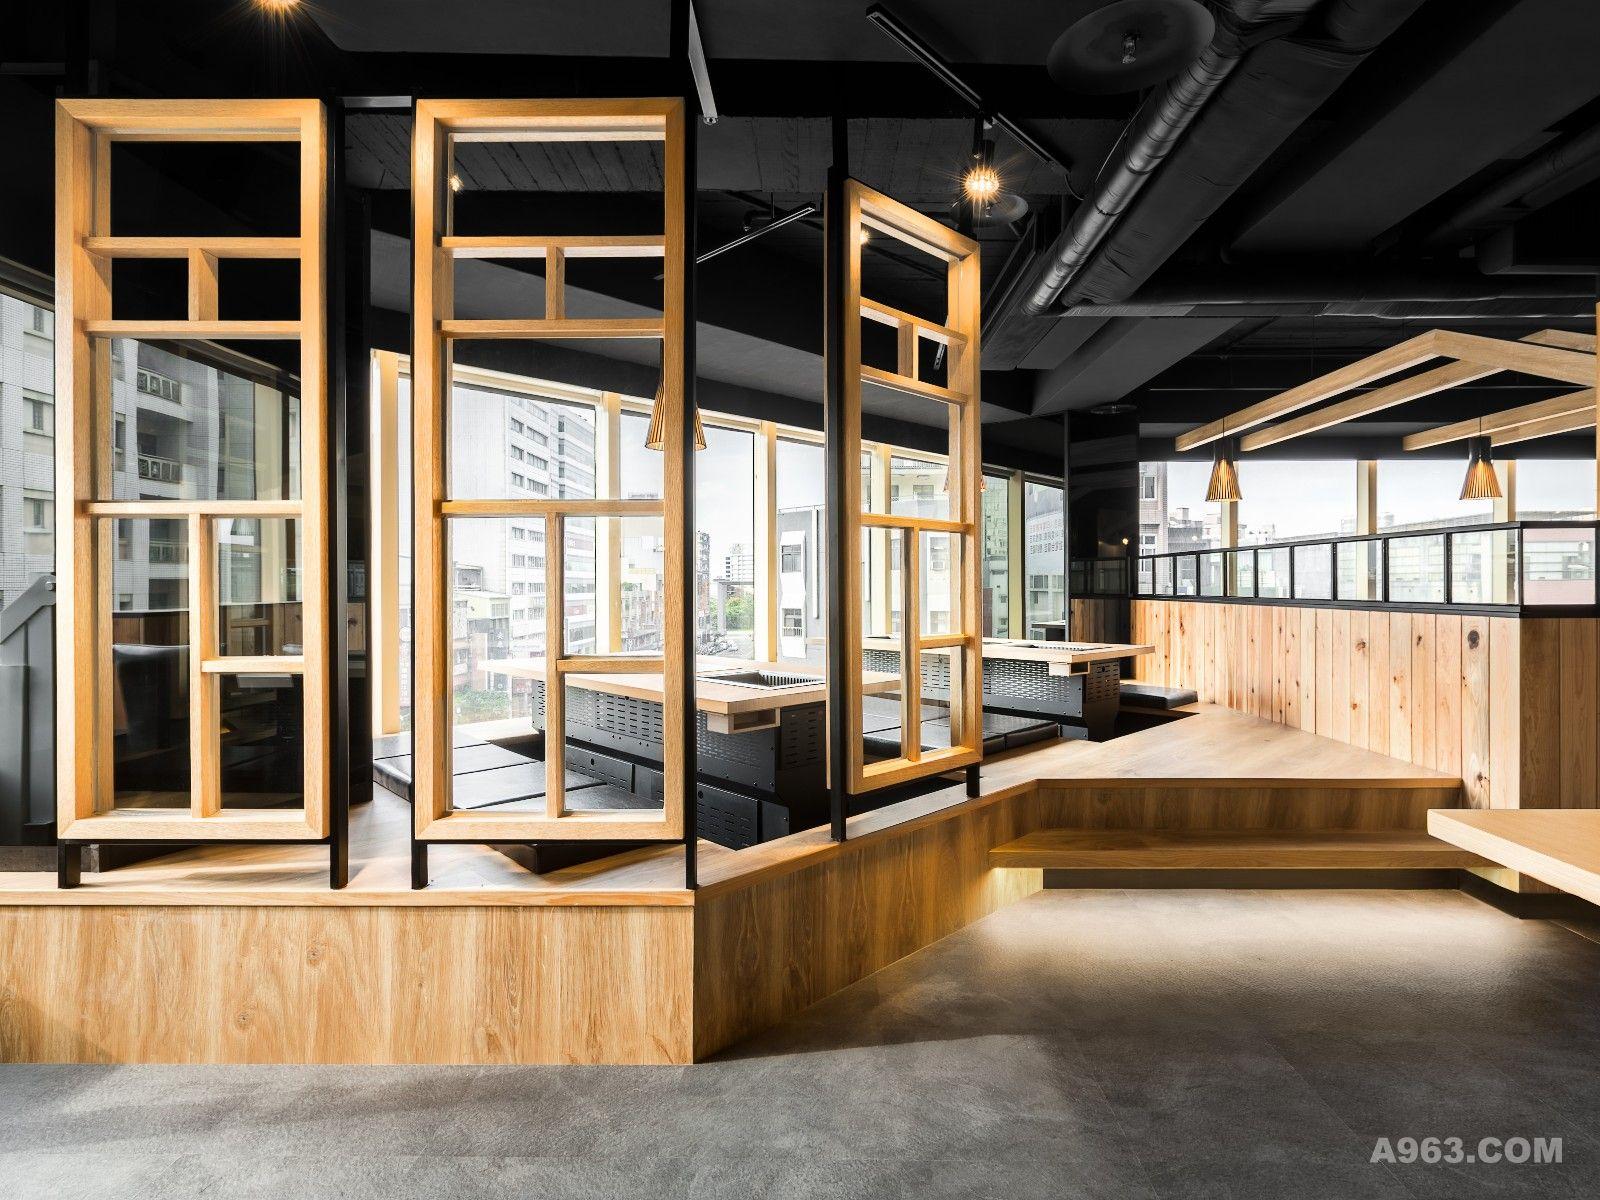 以工业风为基调,利用深浅不同的木质形成的简单对比,使空间整体色调沉稳而不沉闷;